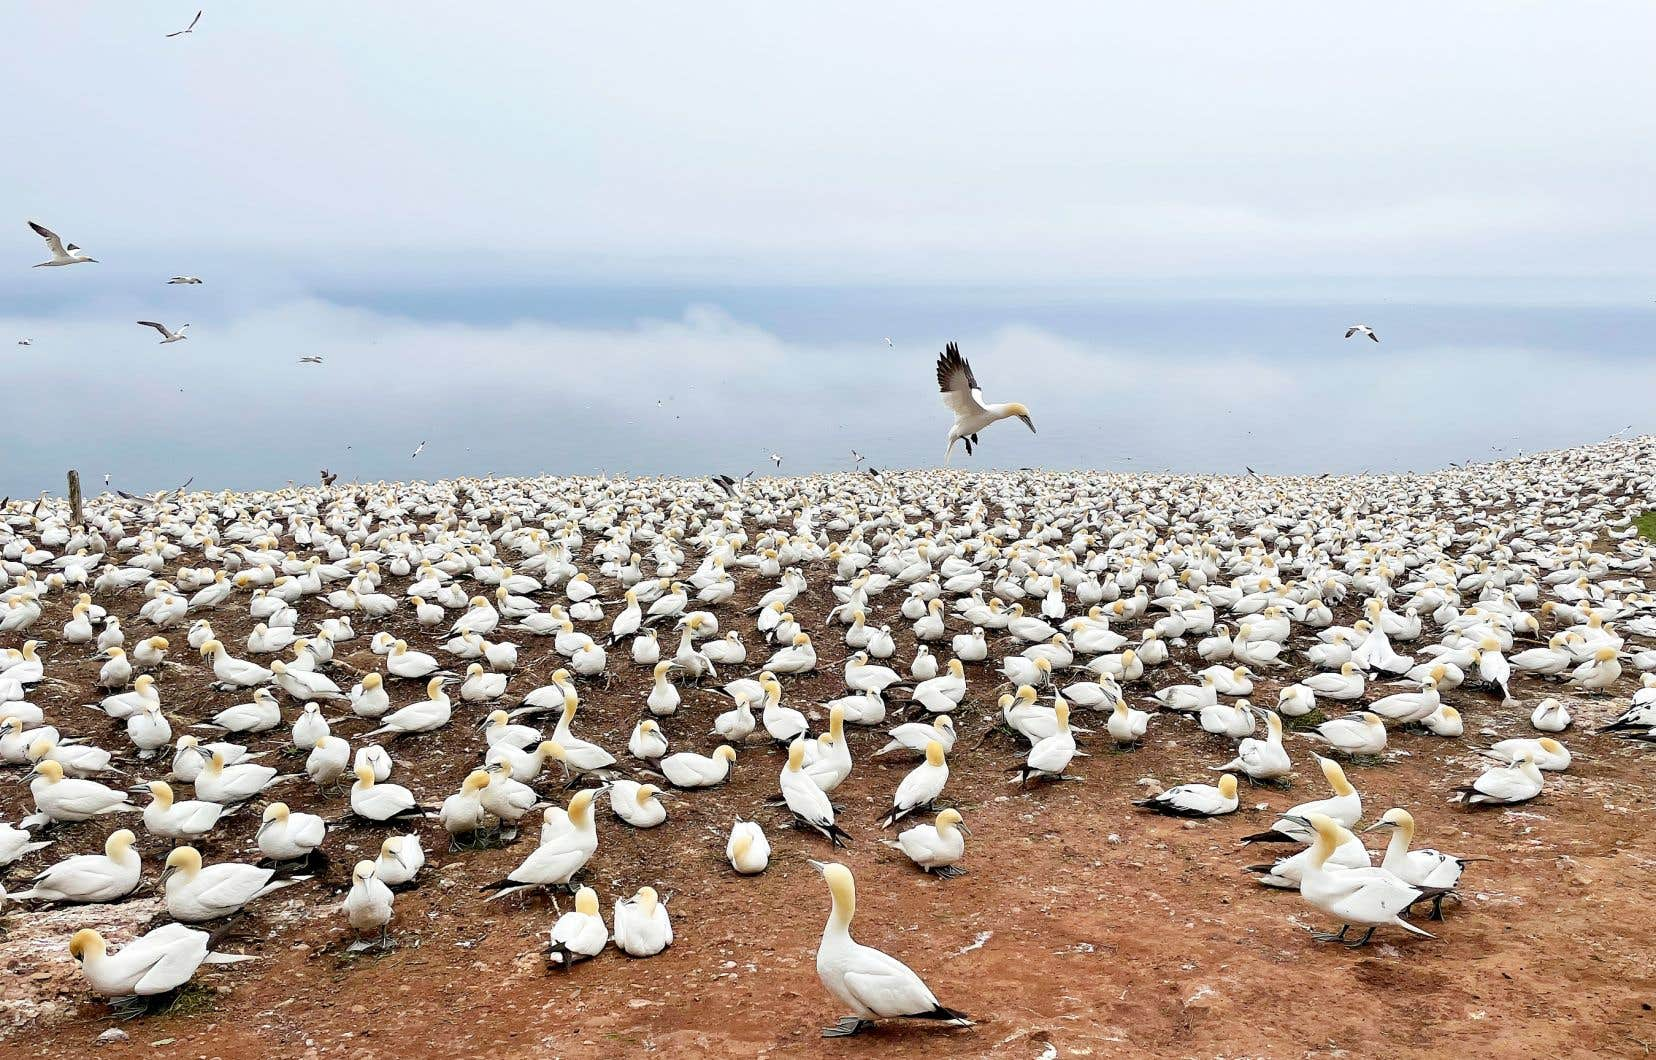 L'incontournable parc national de l'Île-Bonaventure-et-du-Rocher-Percé où l'on peut observer les oiseaux, entre autres, les Fous de Bassan qui nichent dans les falaises.